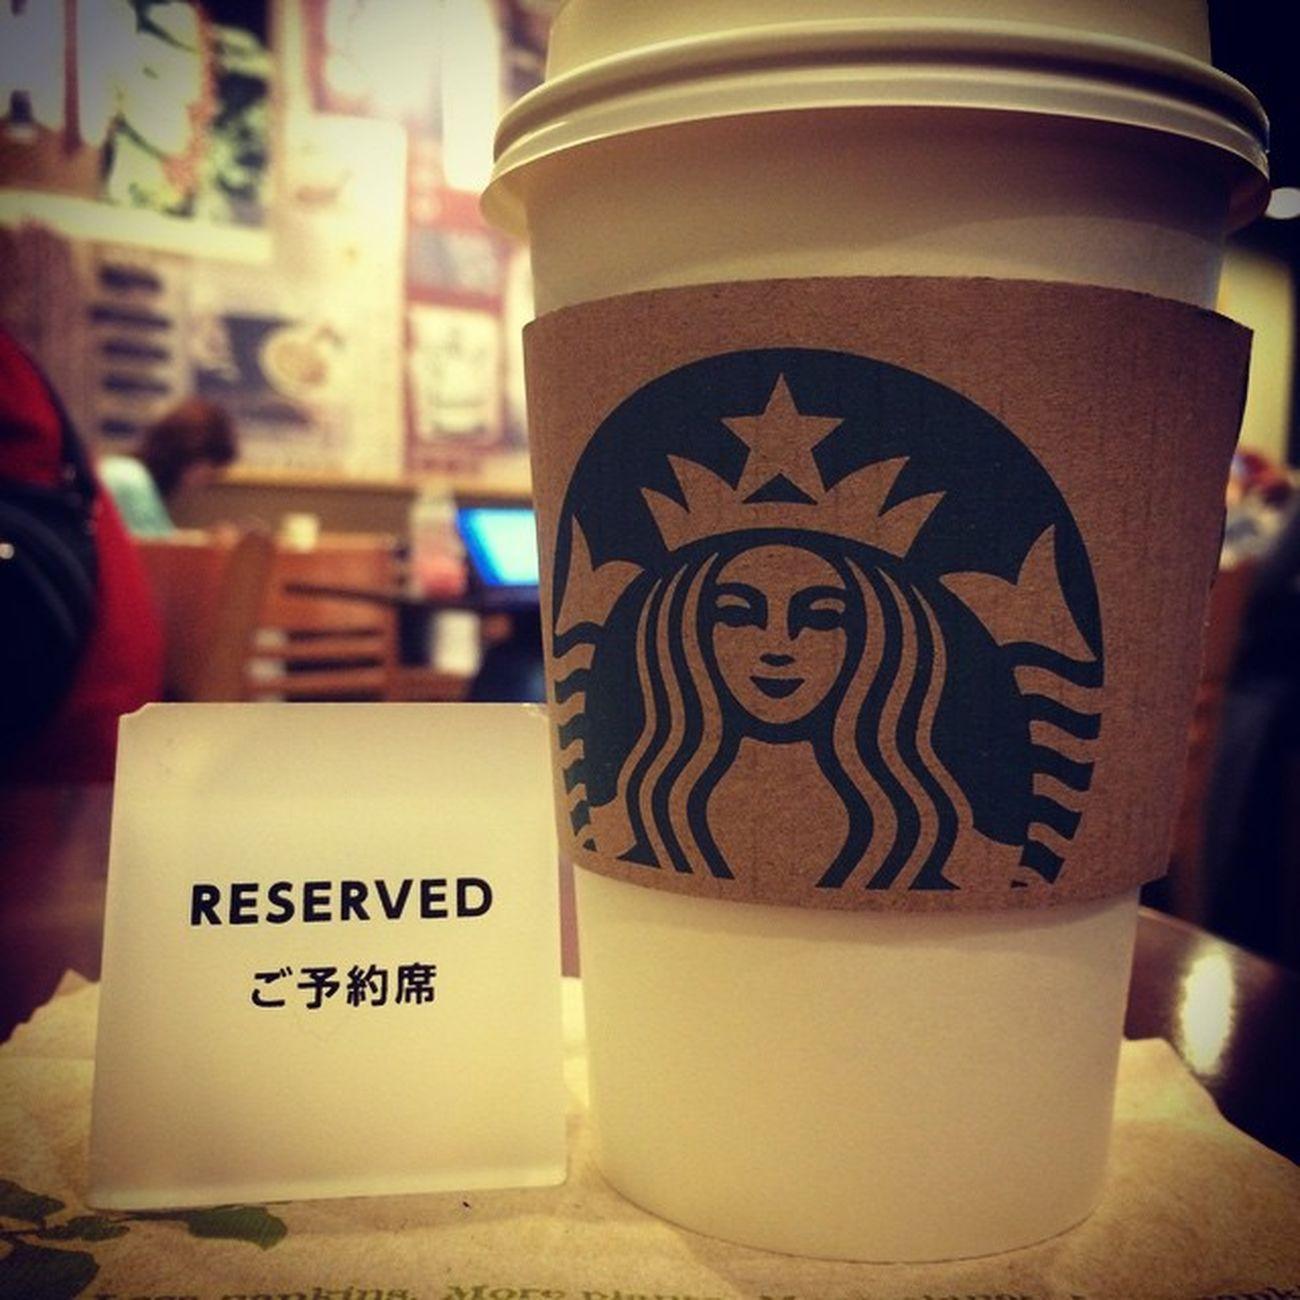 2015.03.01 STARBUCKS® ForHere Tall Hot NoFat AllMilk NoClassicSyrup WhiteMochaSyrup StarbucksTeaLatte(EnglishBreakfastTea) . やっぱ、ホムスタにも来ないとね?w ってことで、スタバさまにも来た✨ . 日曜のこの時間だから空いてきてる😁 ゆっくり座れて嬉しい✨ . ここは… SAKURAプロモのカップもショッパーも あっという間に無くなって早い段階で ノーマルに戻っちゃった(´Д` ) . 残念だけど仕方ないね?😩 PTRさん達の笑顔が満開だから🎶 それを楽しむのです✨✨ . Starbucks Starbuckscoffee スタバ Miillainsはスタバっ子w Miillains スタバとタリーズの主w ホムスタ